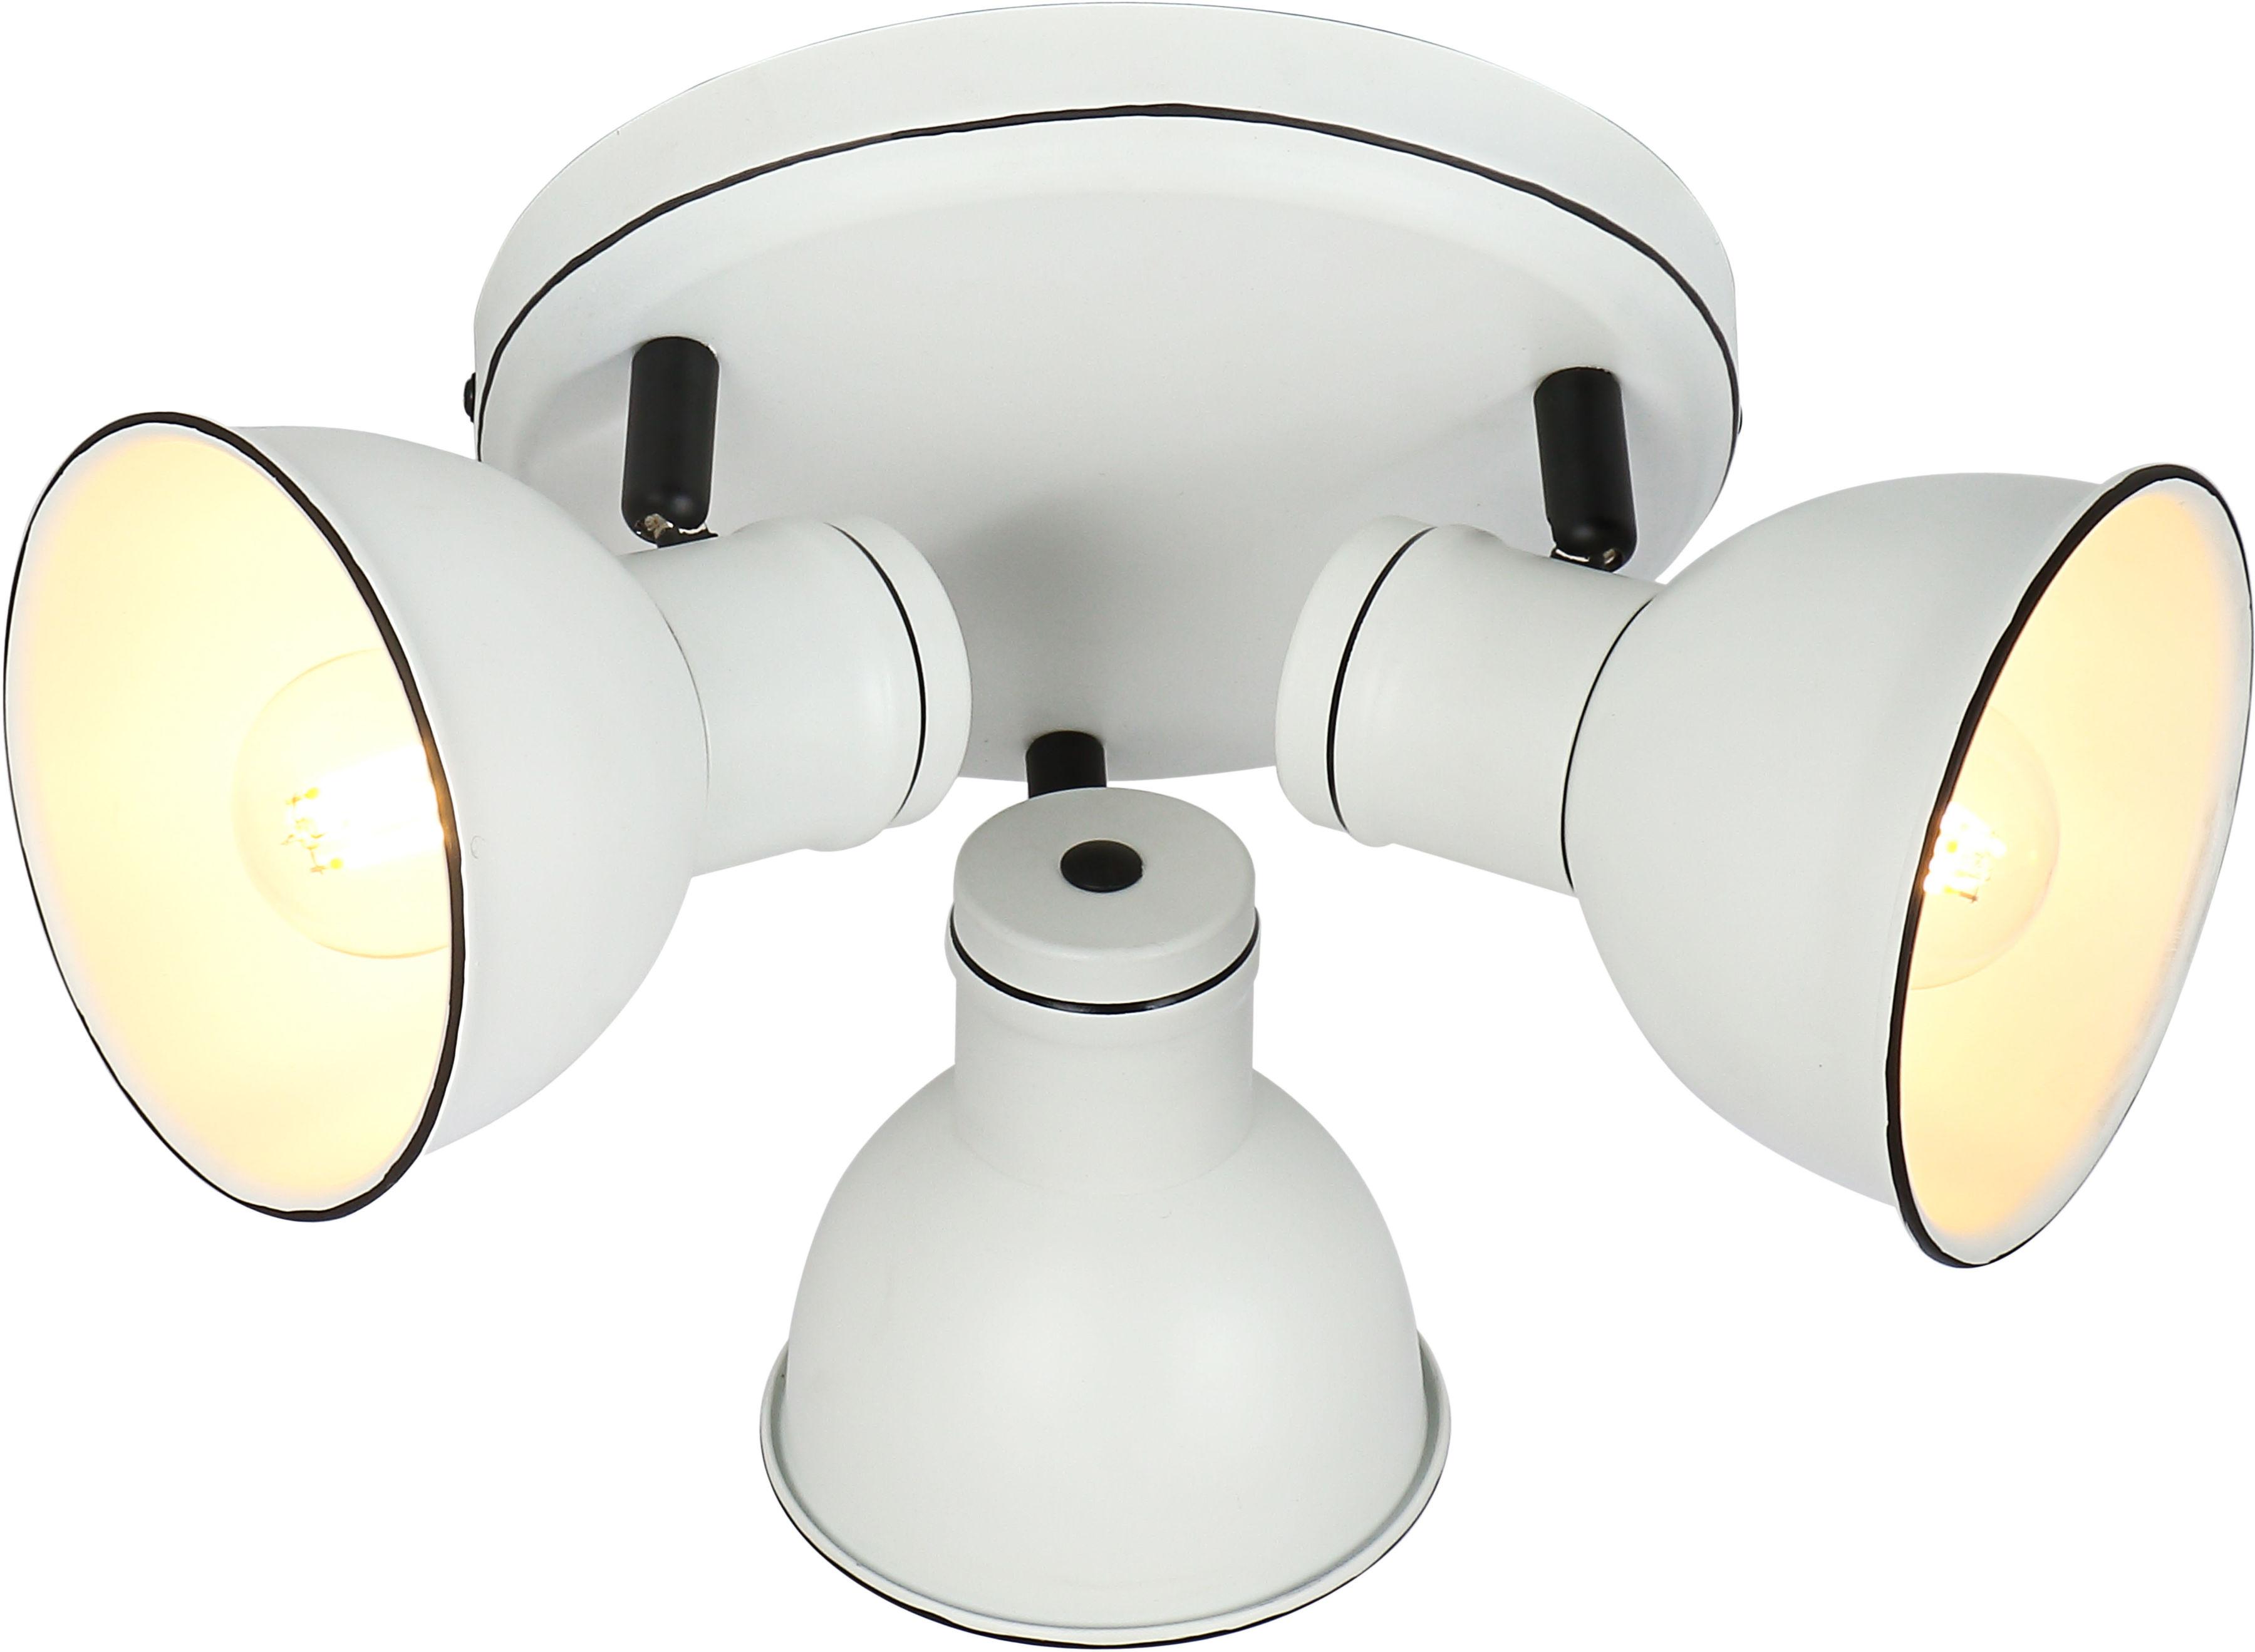 Candellux ZUMBA 98-72160 plafon lampa sufitowa listwa biały czarny 3X40W E14 33 cm